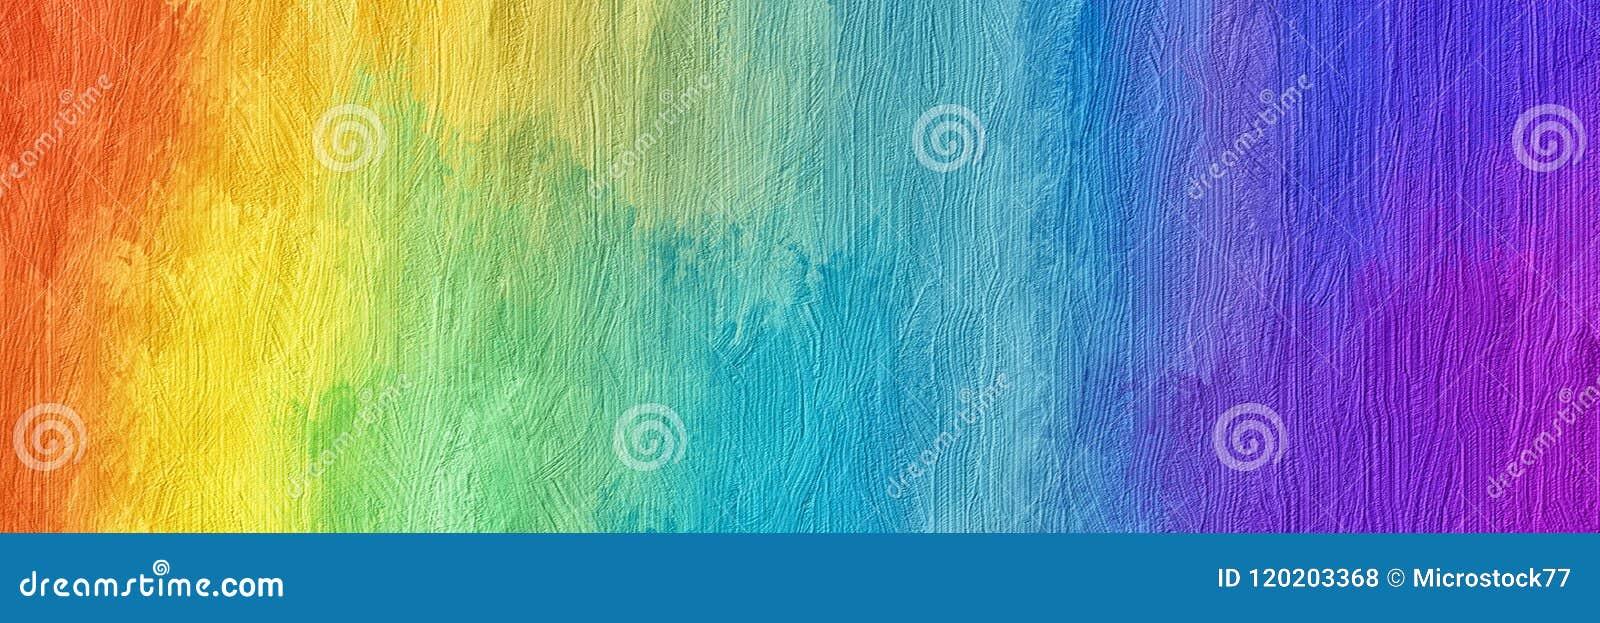 Peinture Abstraite D Arc En Ciel Illustration Stock